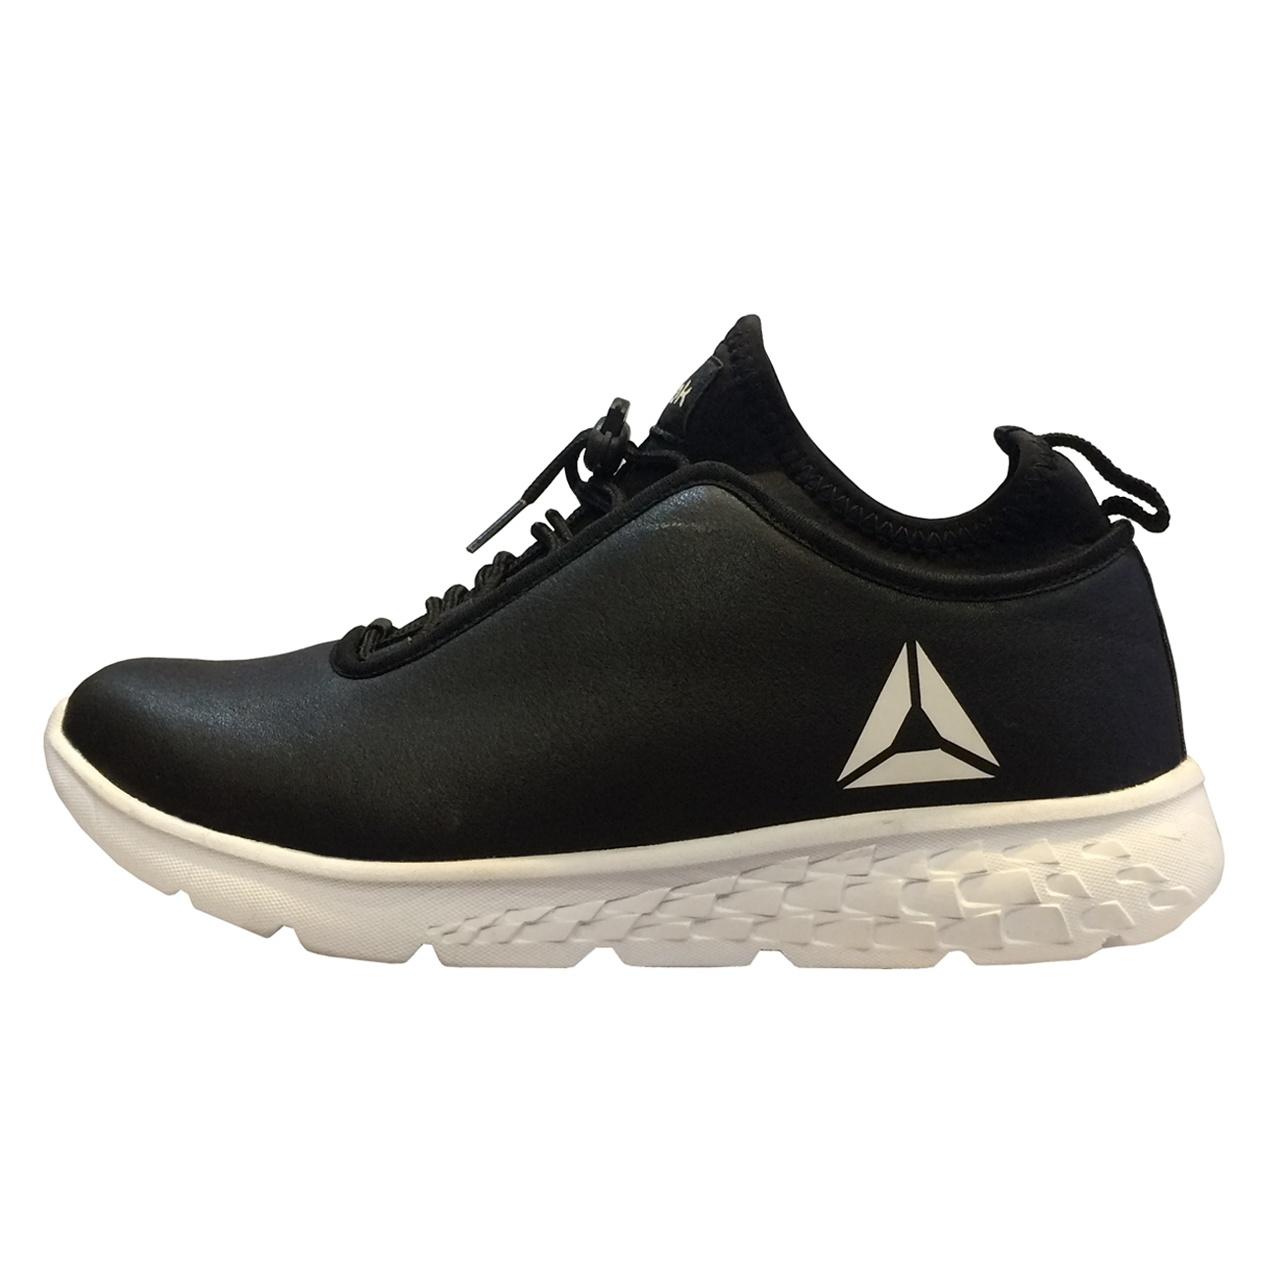 کفش مخصوص دویدن زنانه کد 1755